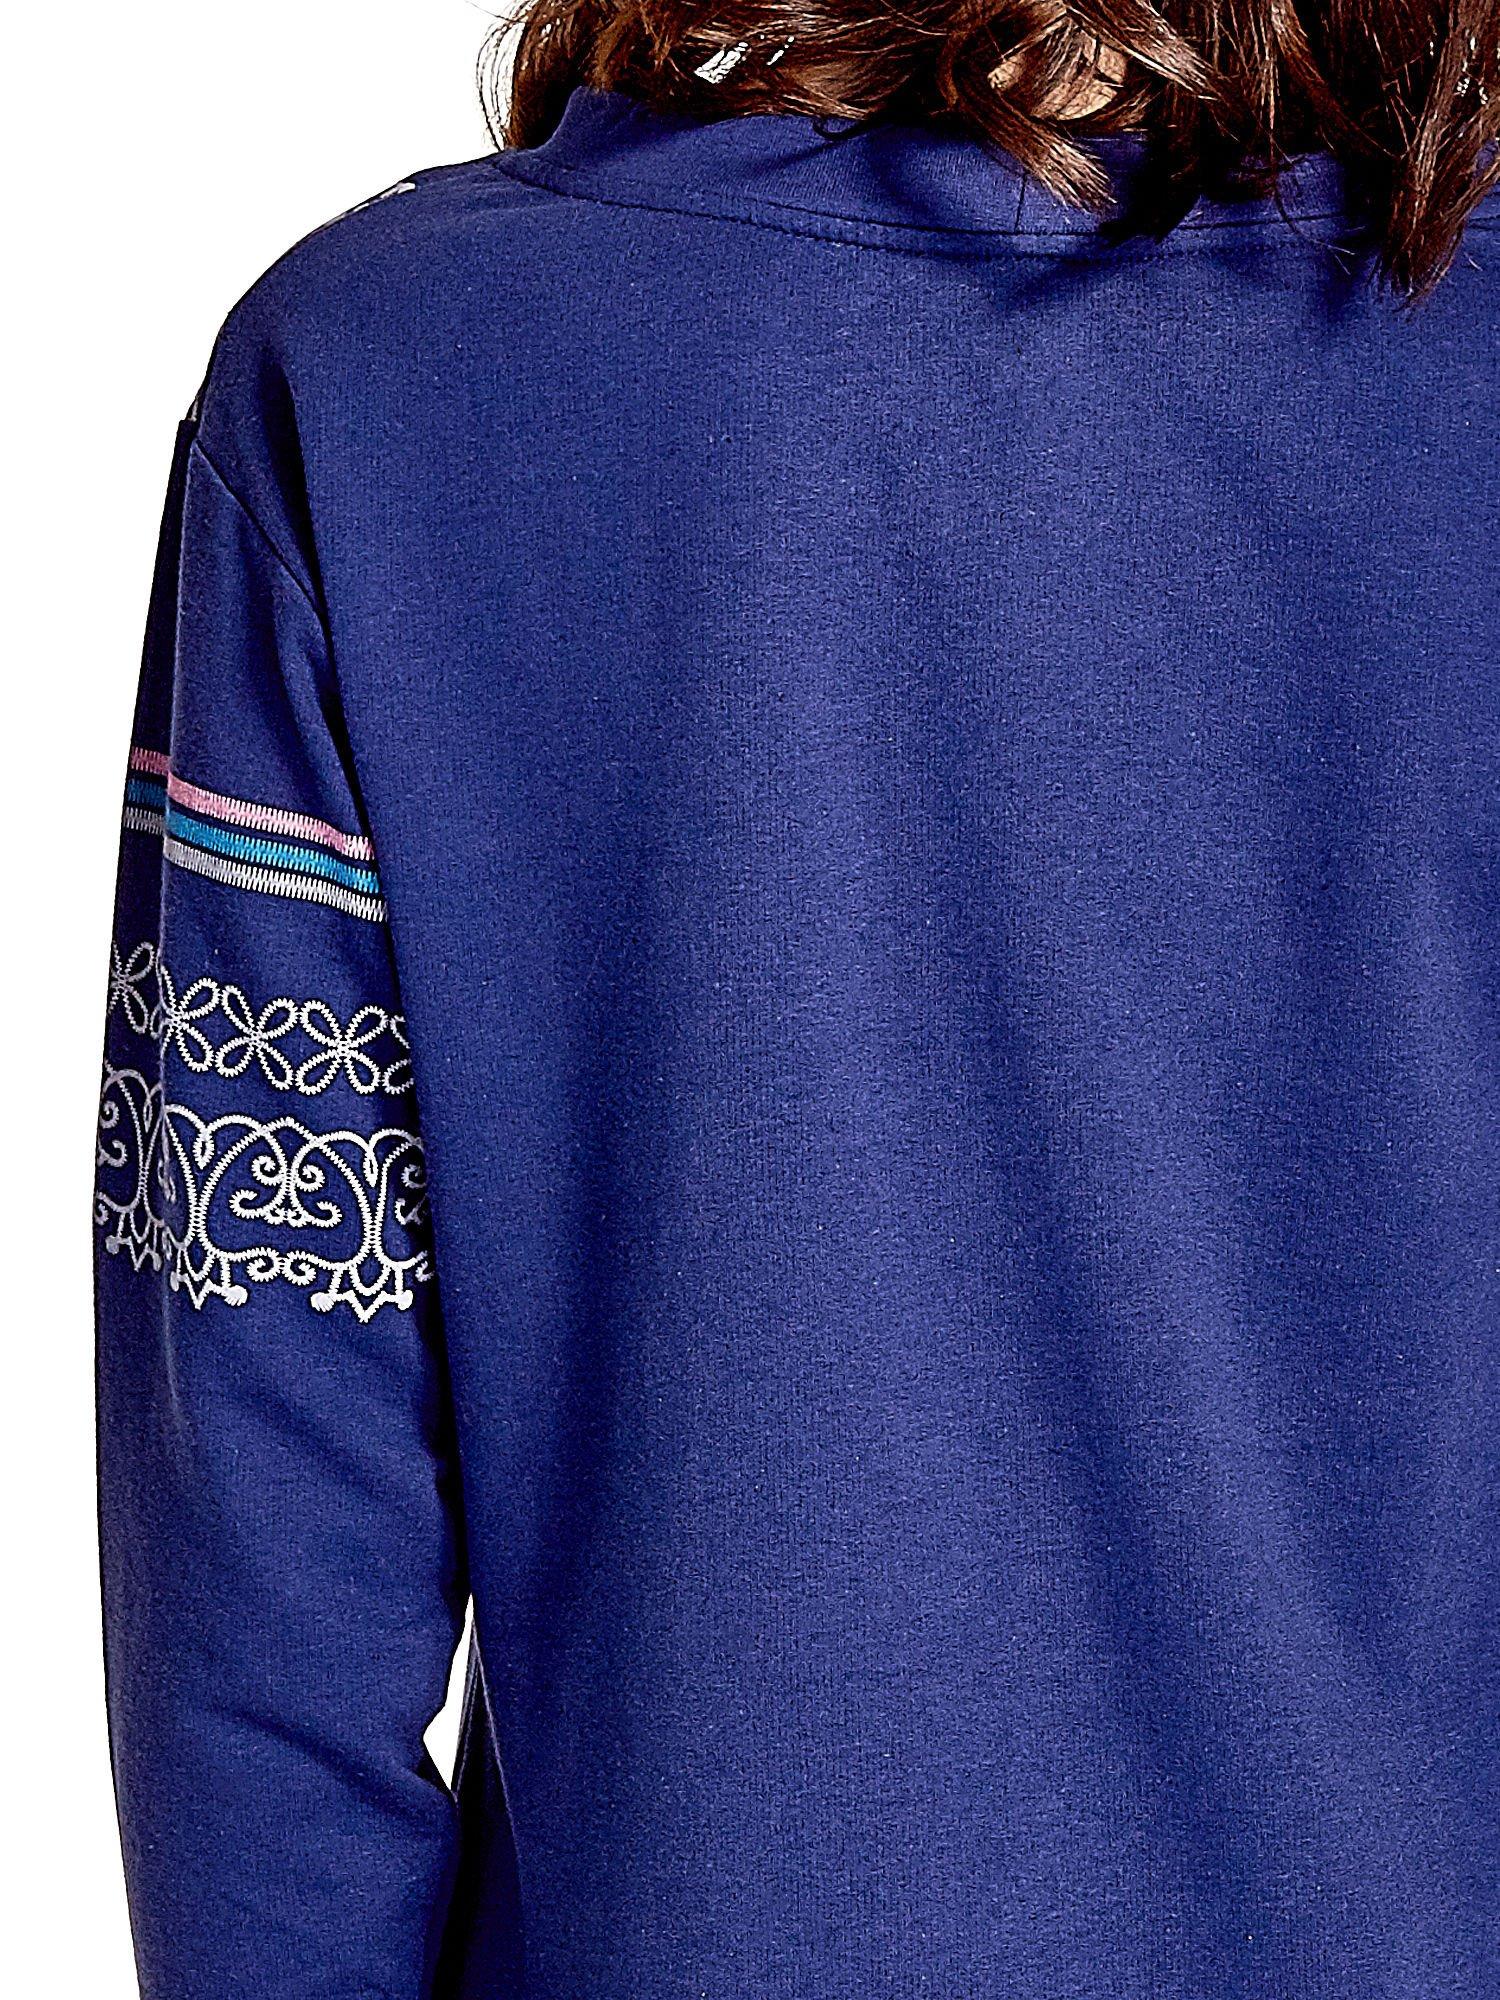 Granatowa tunika w orientalne wzory                                  zdj.                                  5